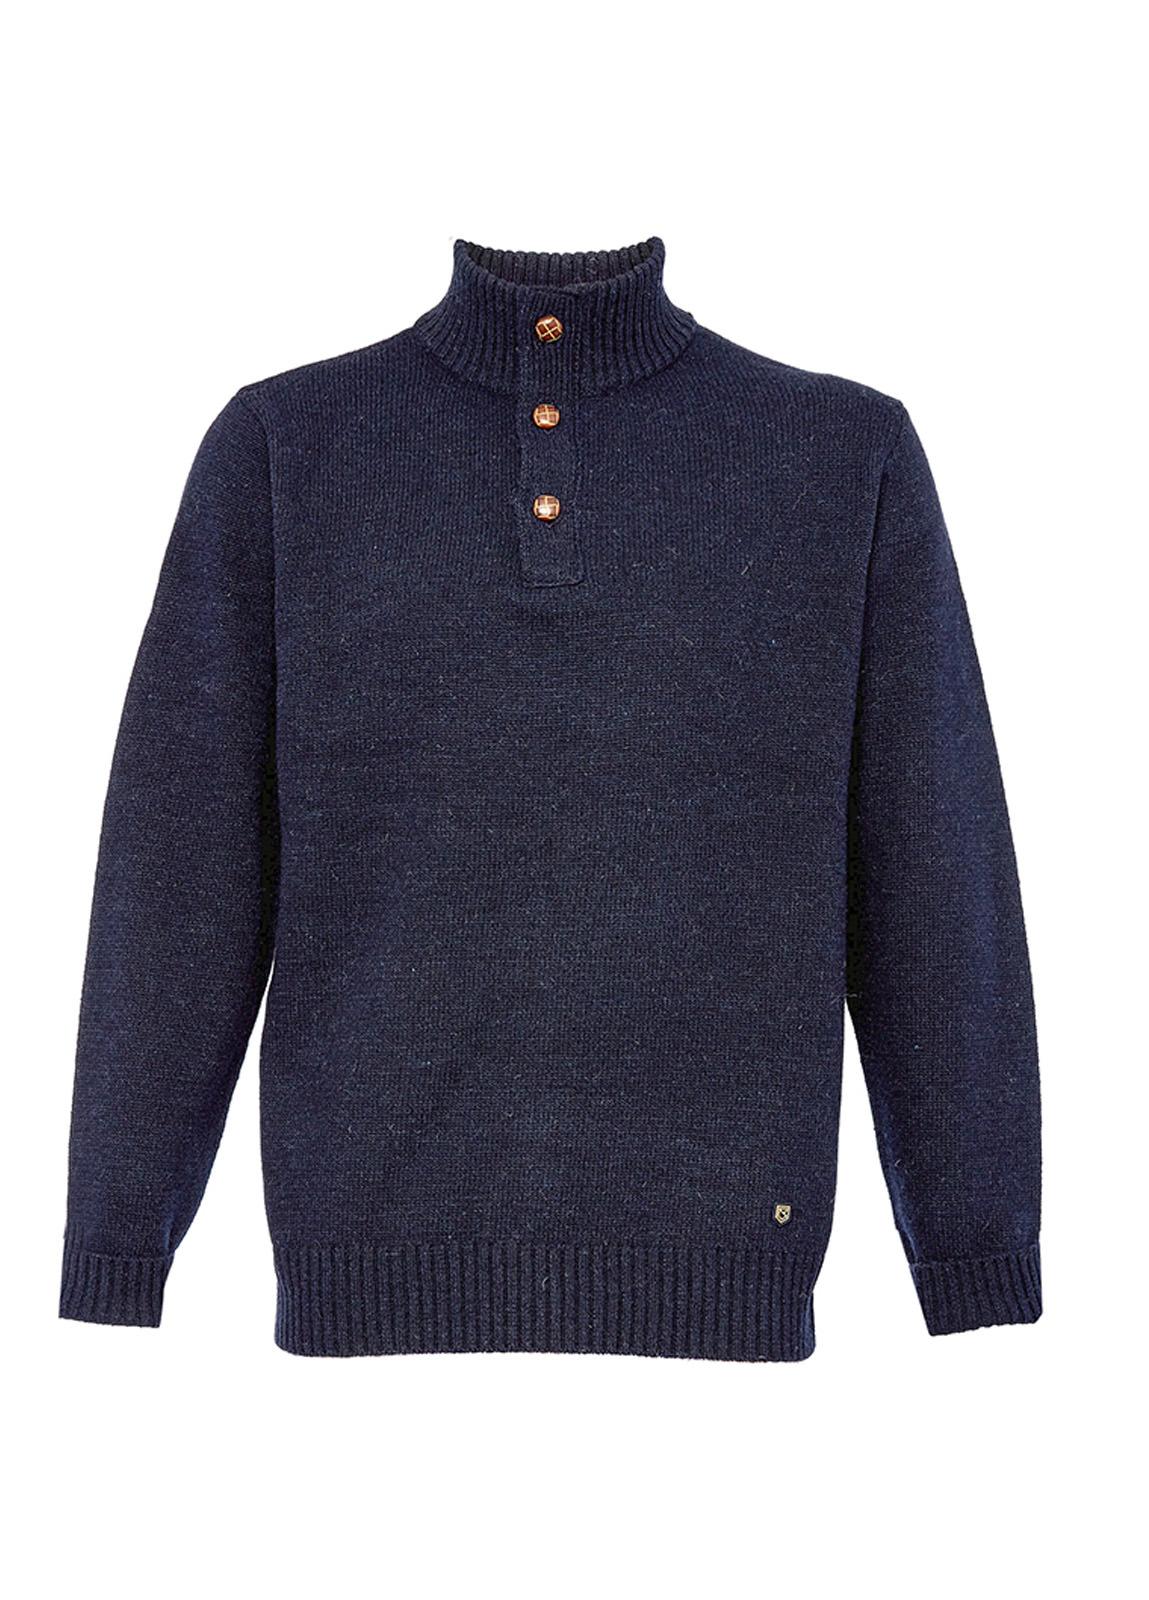 Mallon Sweater - Navy